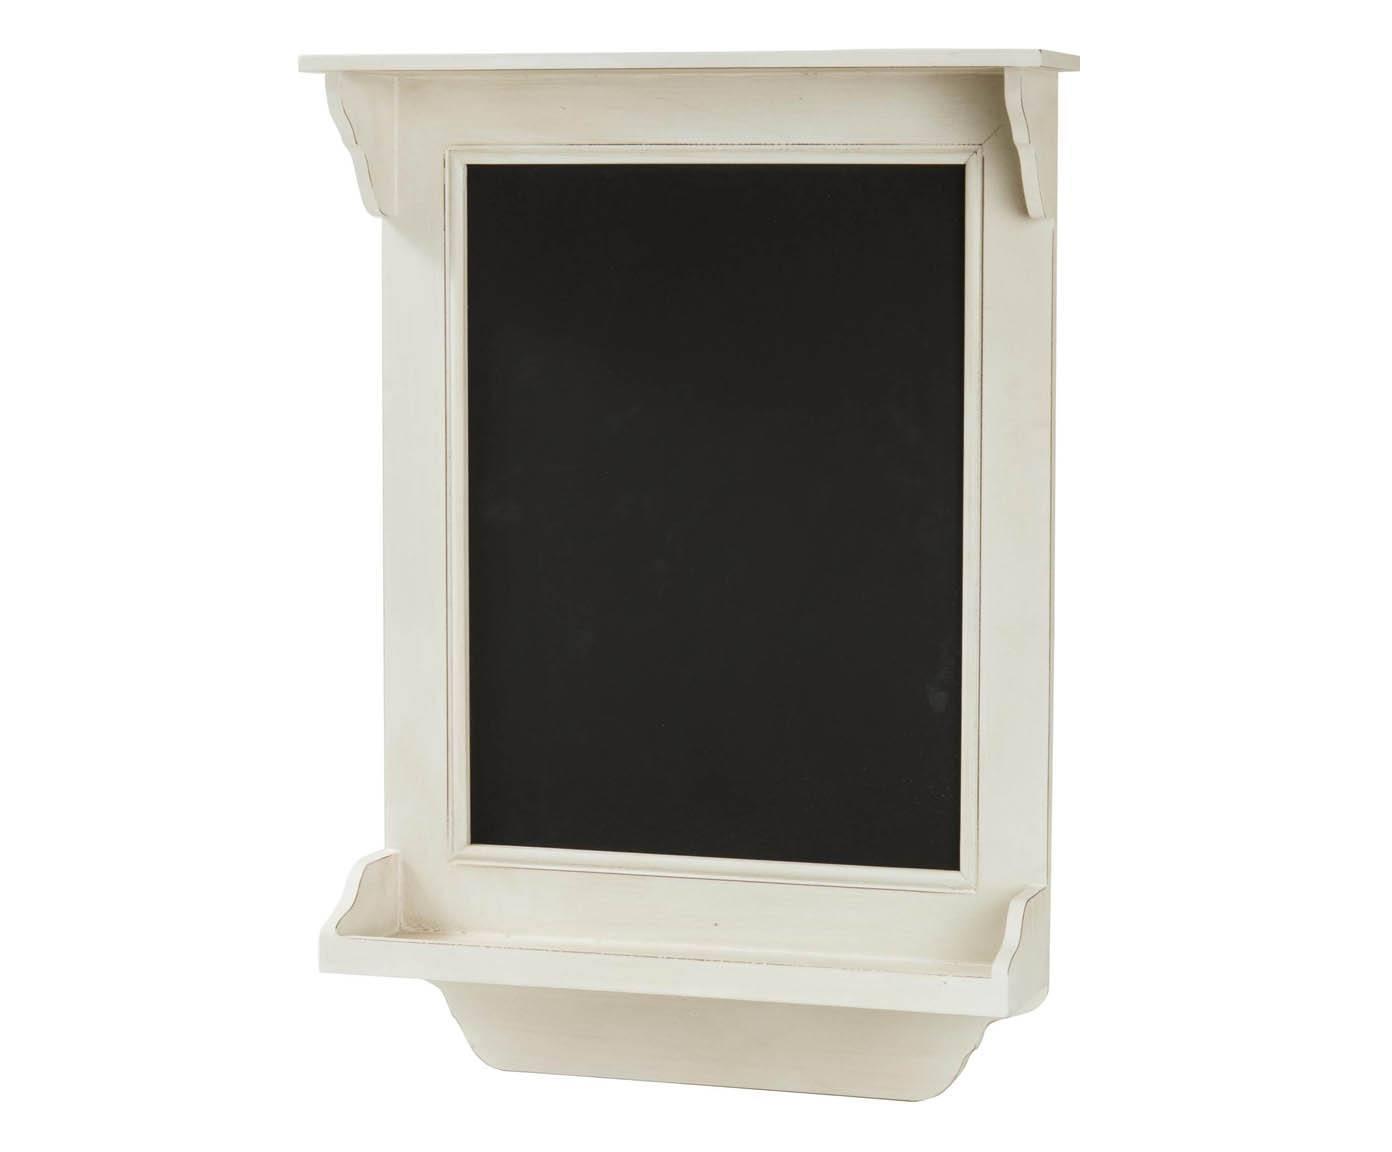 Mev1221 lavagna da muro legno bianco b b sas import export - Portaoggetti da muro ...